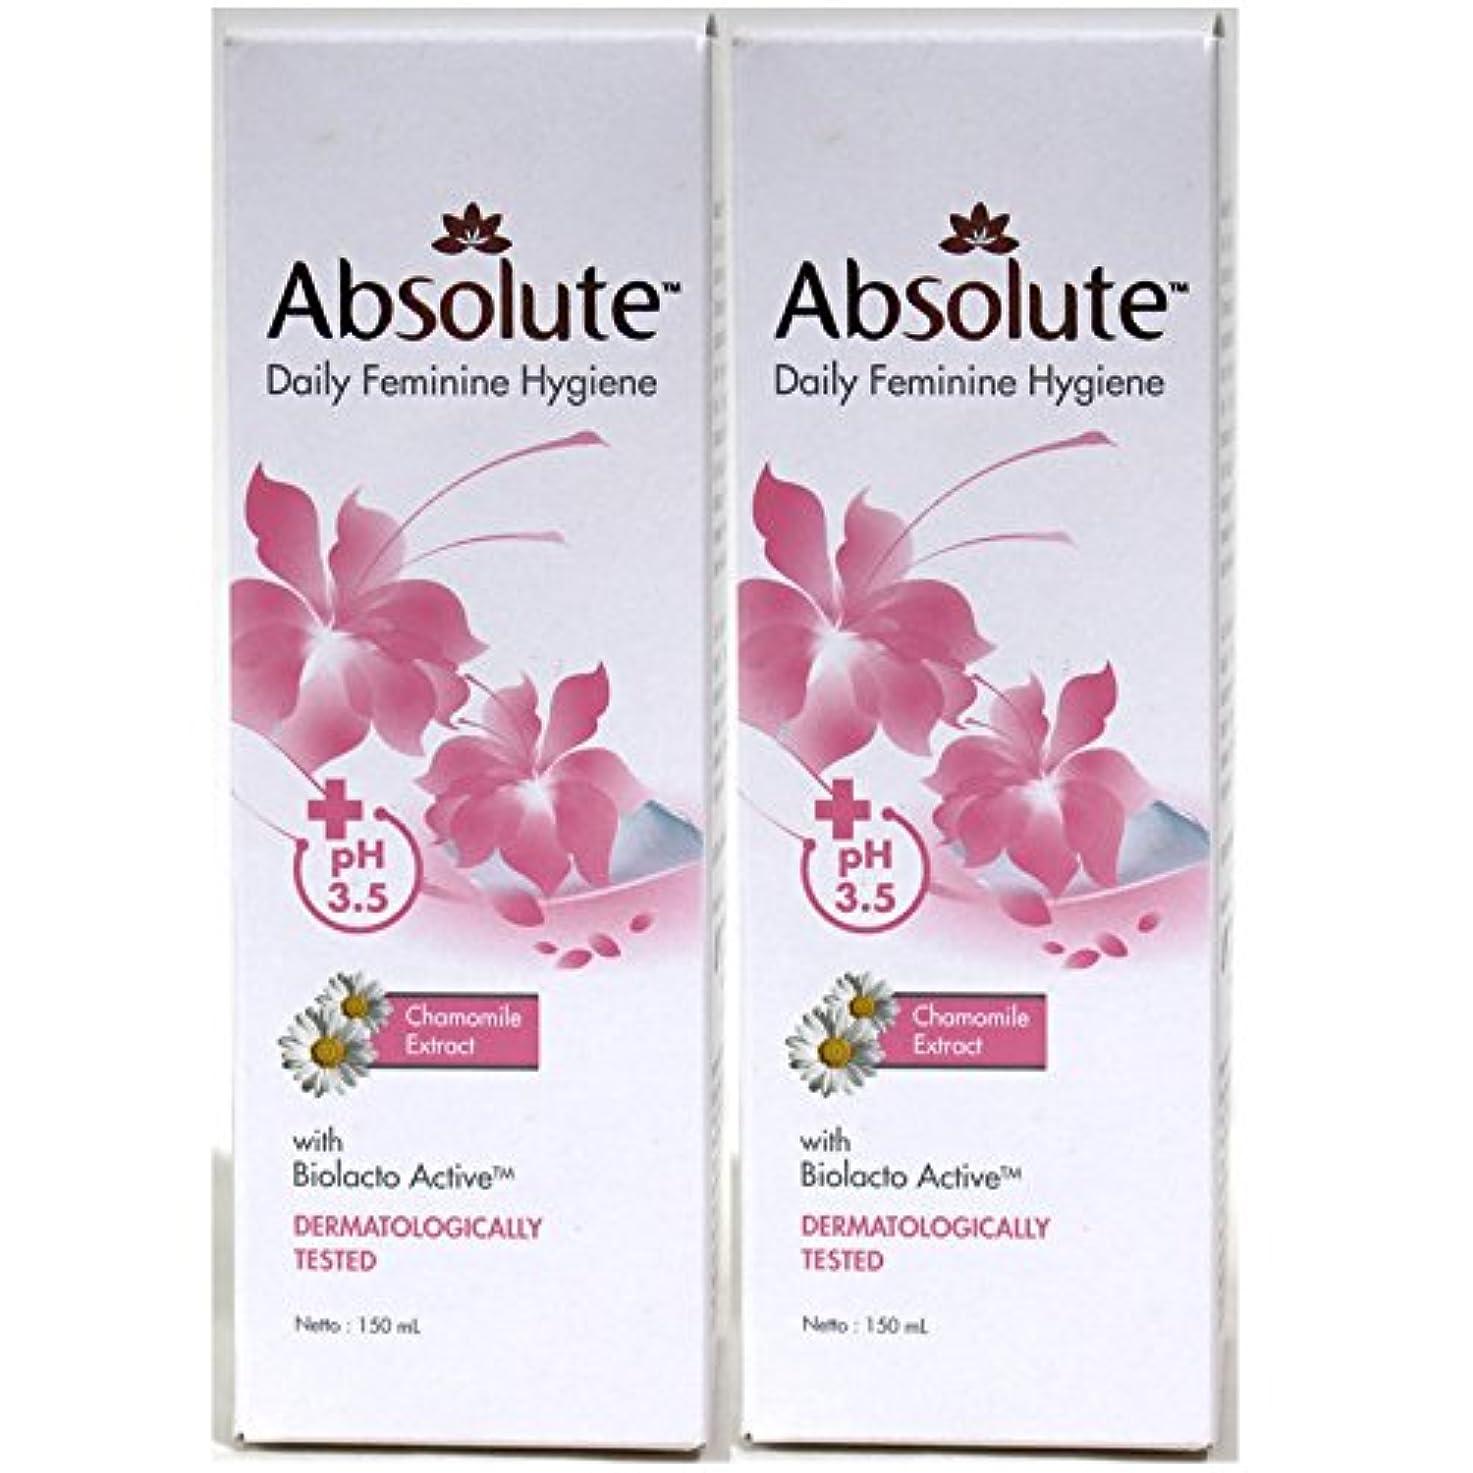 シェルポルノだますAbsolute(アブソリュート)女性用液体ソープ 150ml 2本セット[並行輸入品][海外直送品]